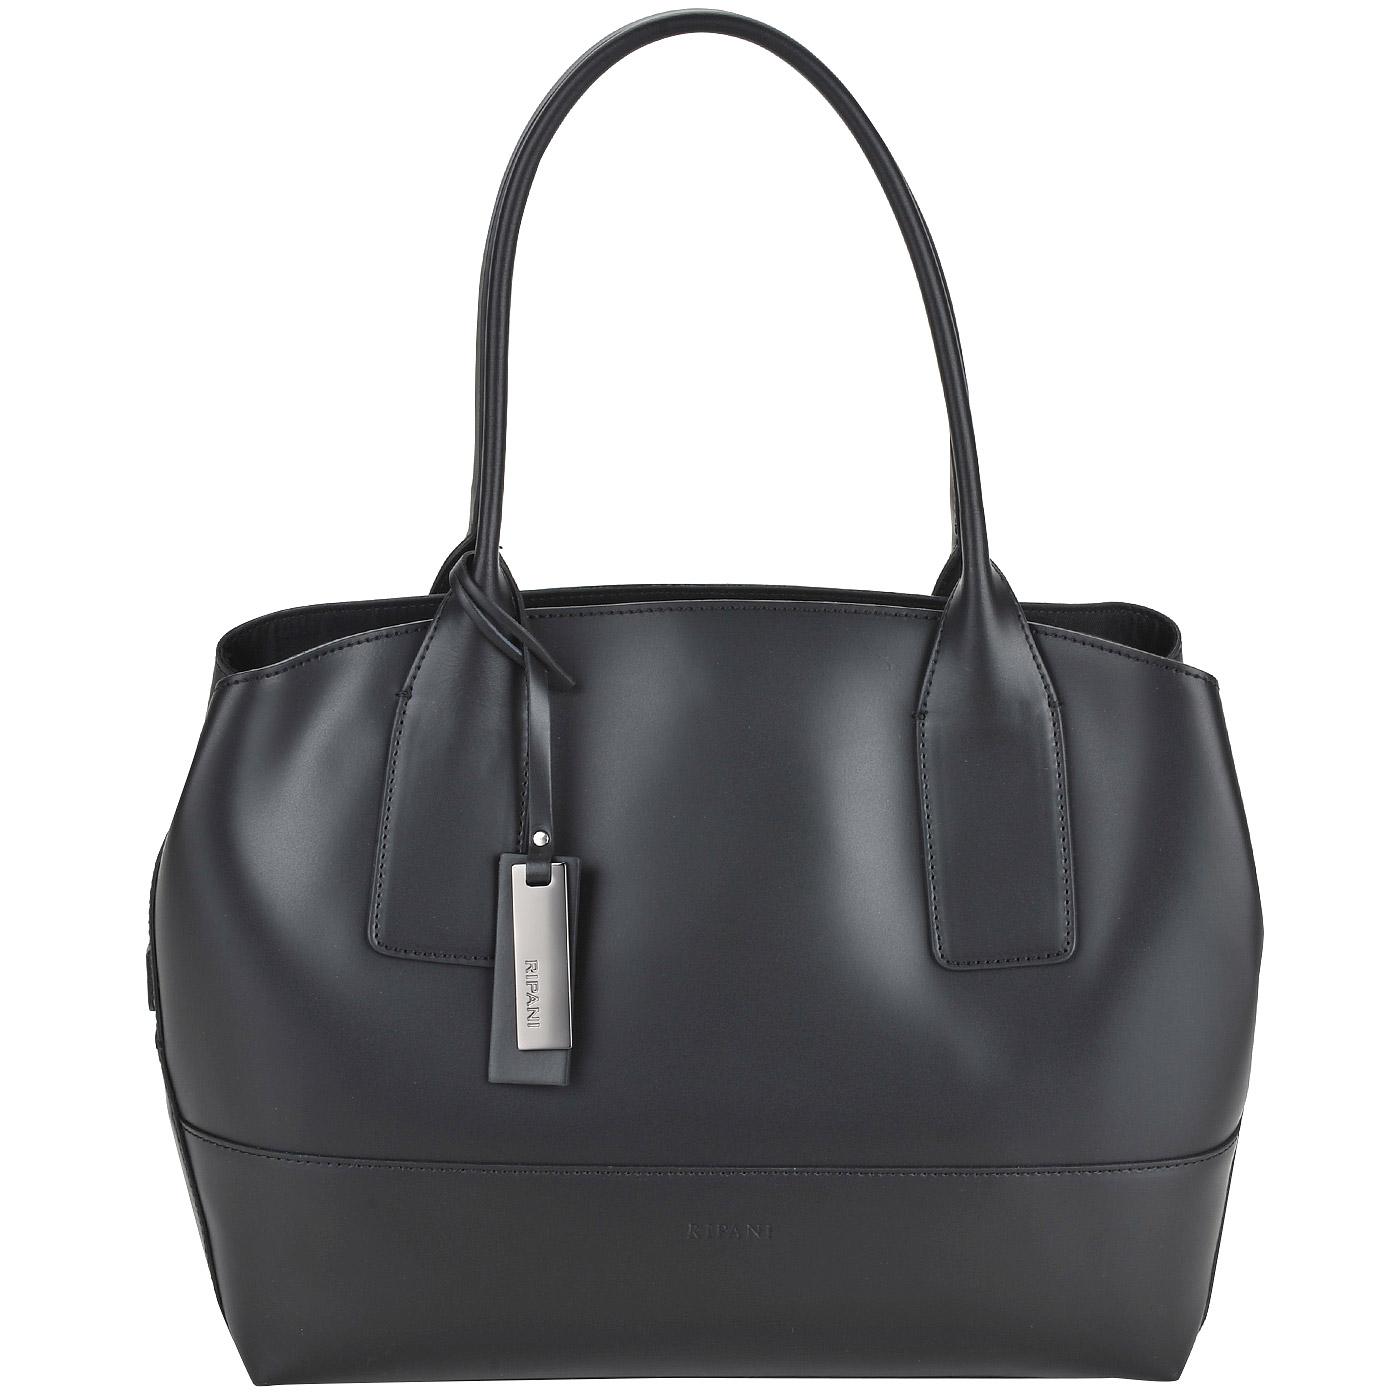 3bcc5a307517 Женская сумка из черной матовой кожи с длинными ручками Ripani Curcuma ...